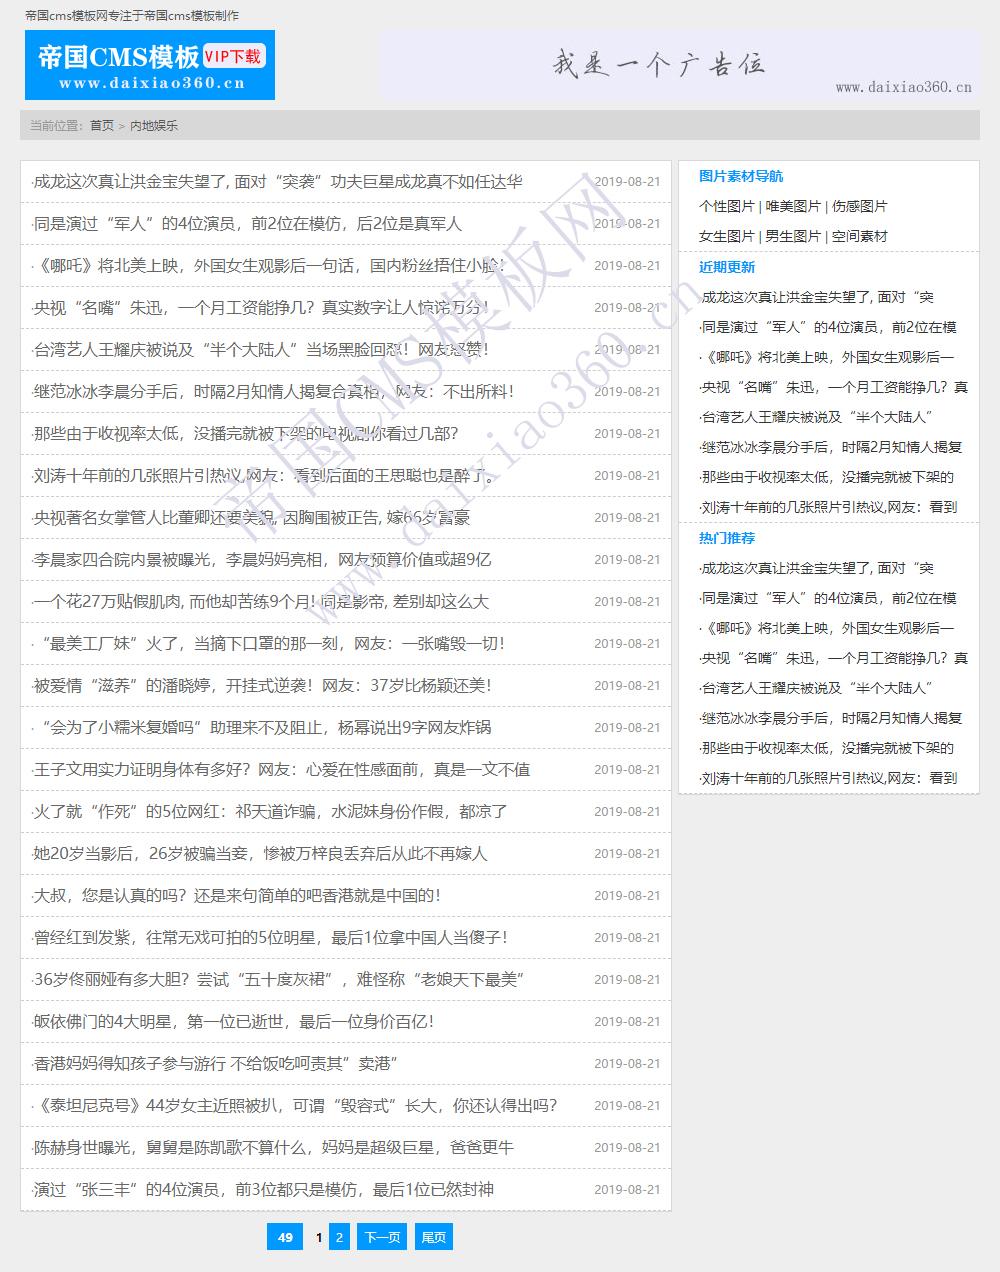 帝国cms图片QQ头像素材网站模板下载-列表页